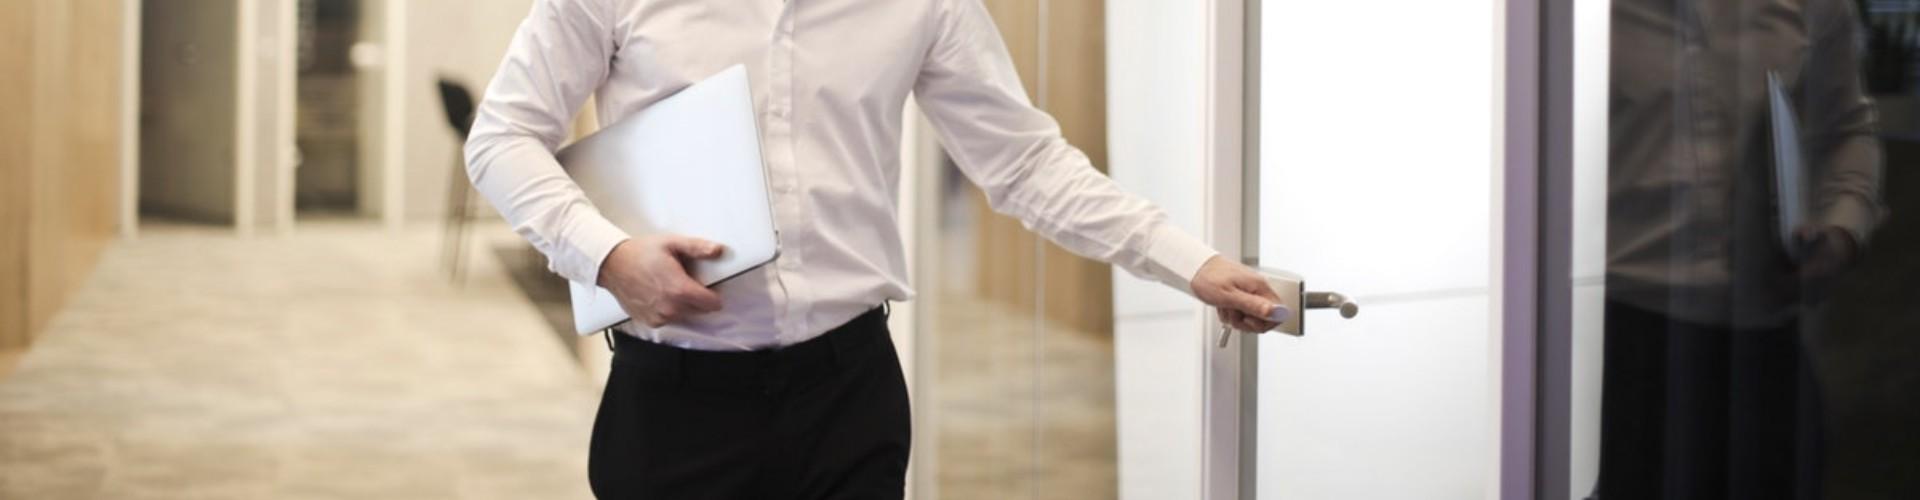 Praca w korporacji - na czym polega, ile się zarabia, gdzie szukać ofert?